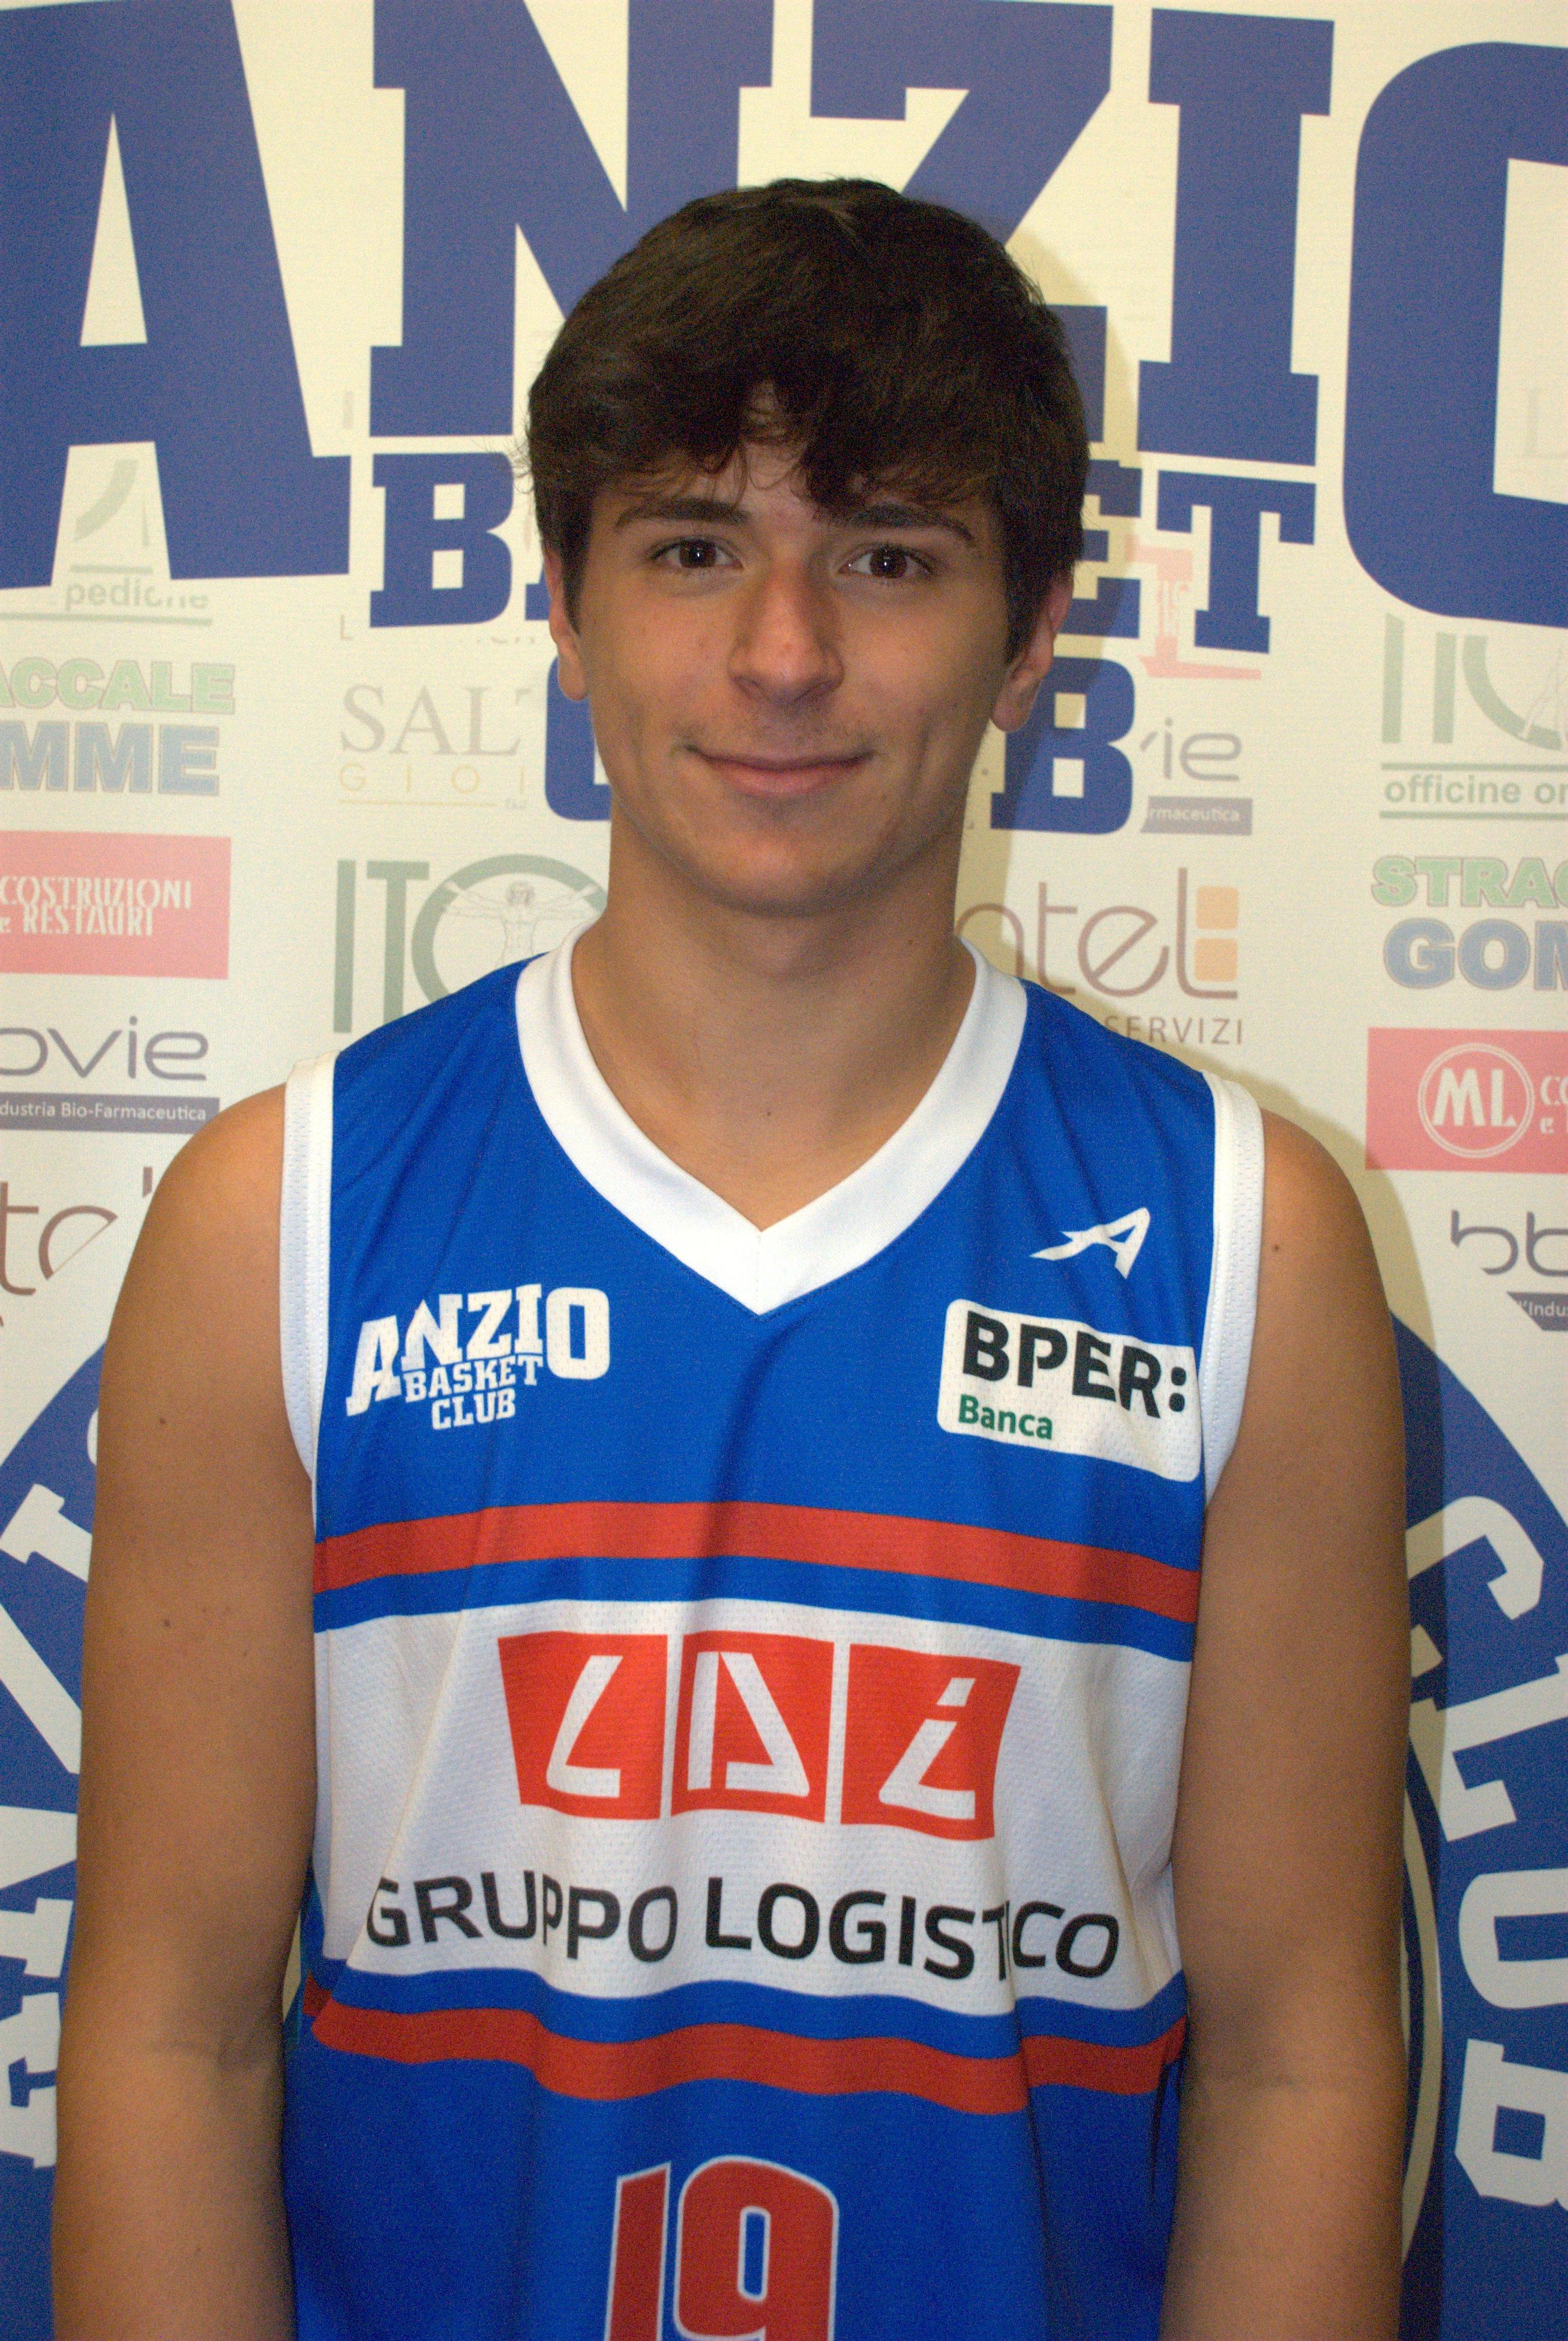 Matteo Vergari